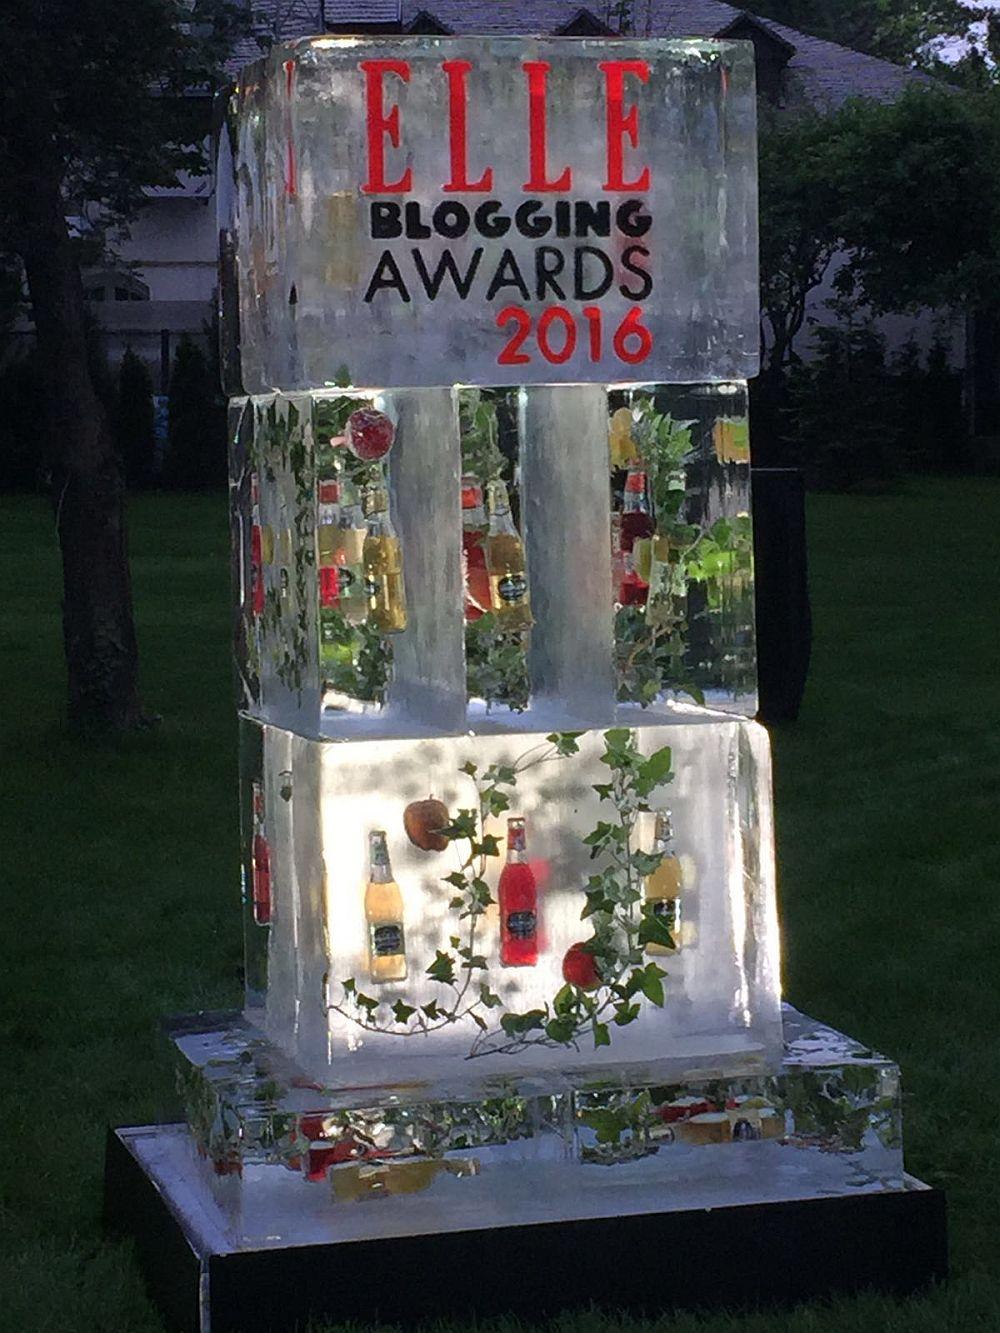 adelaparvu.com despre Best Design Blog Elle Blogging Awards 2016 (4)